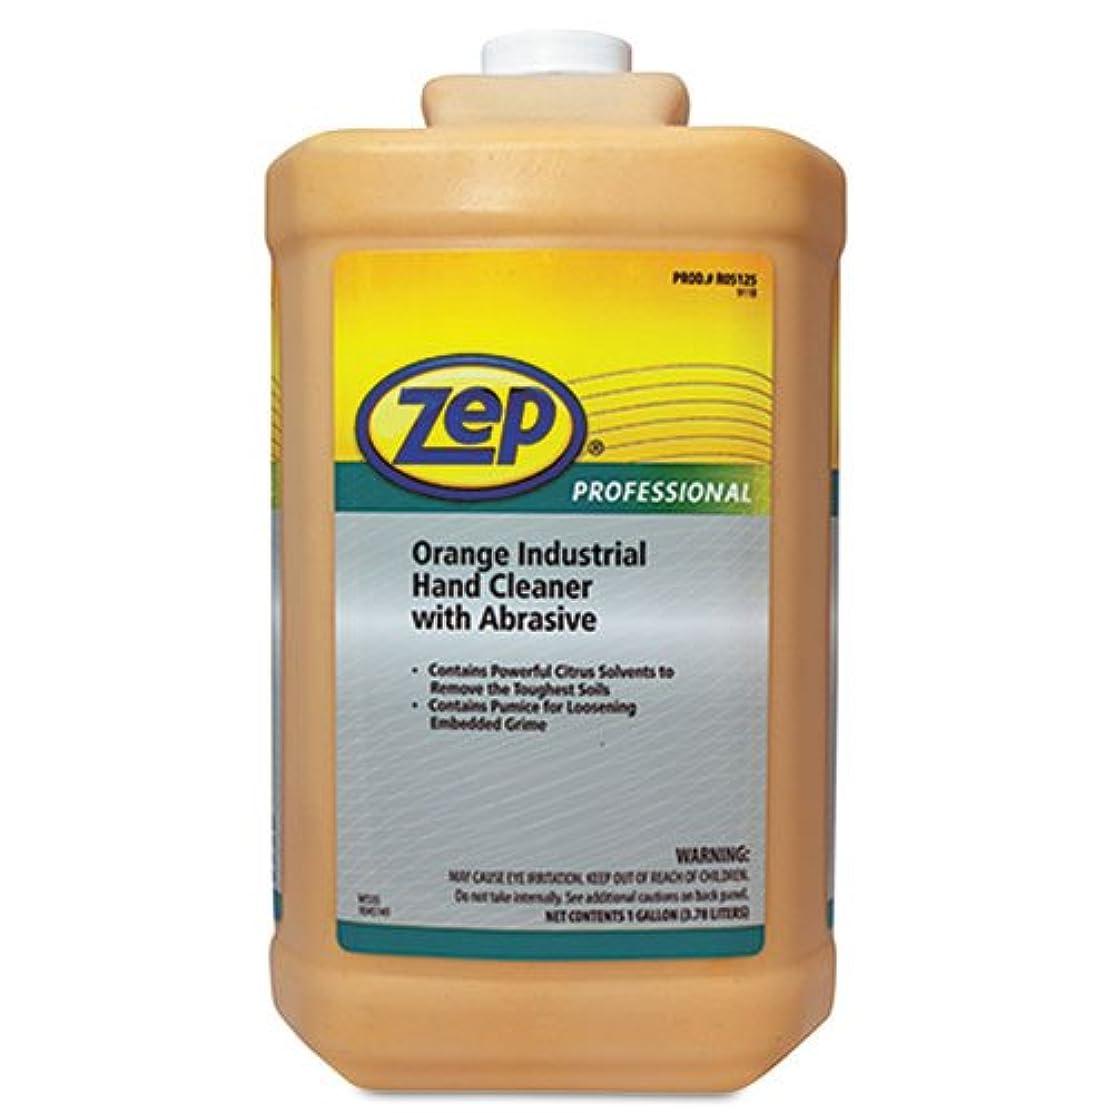 提供された効能関係Zepプロフェッショナル工業ハンドクリーナー、オレンジ、1ガロンボトル1045070